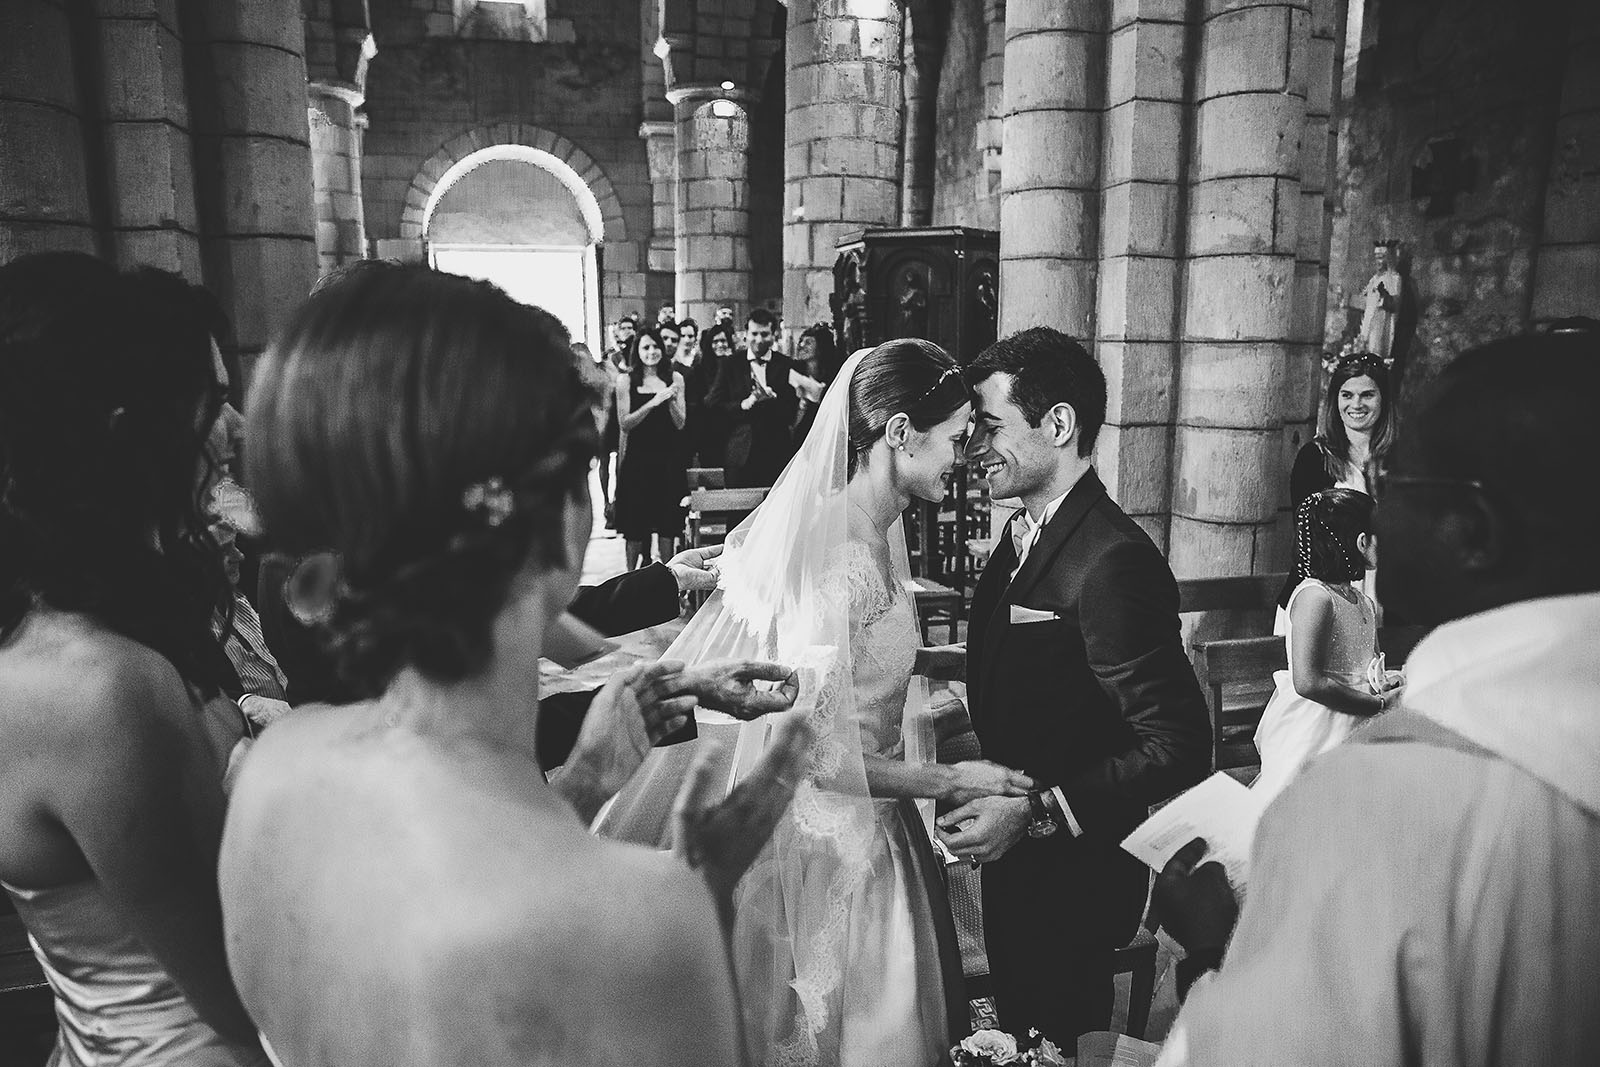 photographe-mariage-nievre-emotion-eglise-connexion-plaisir-joie-union-davidpommier